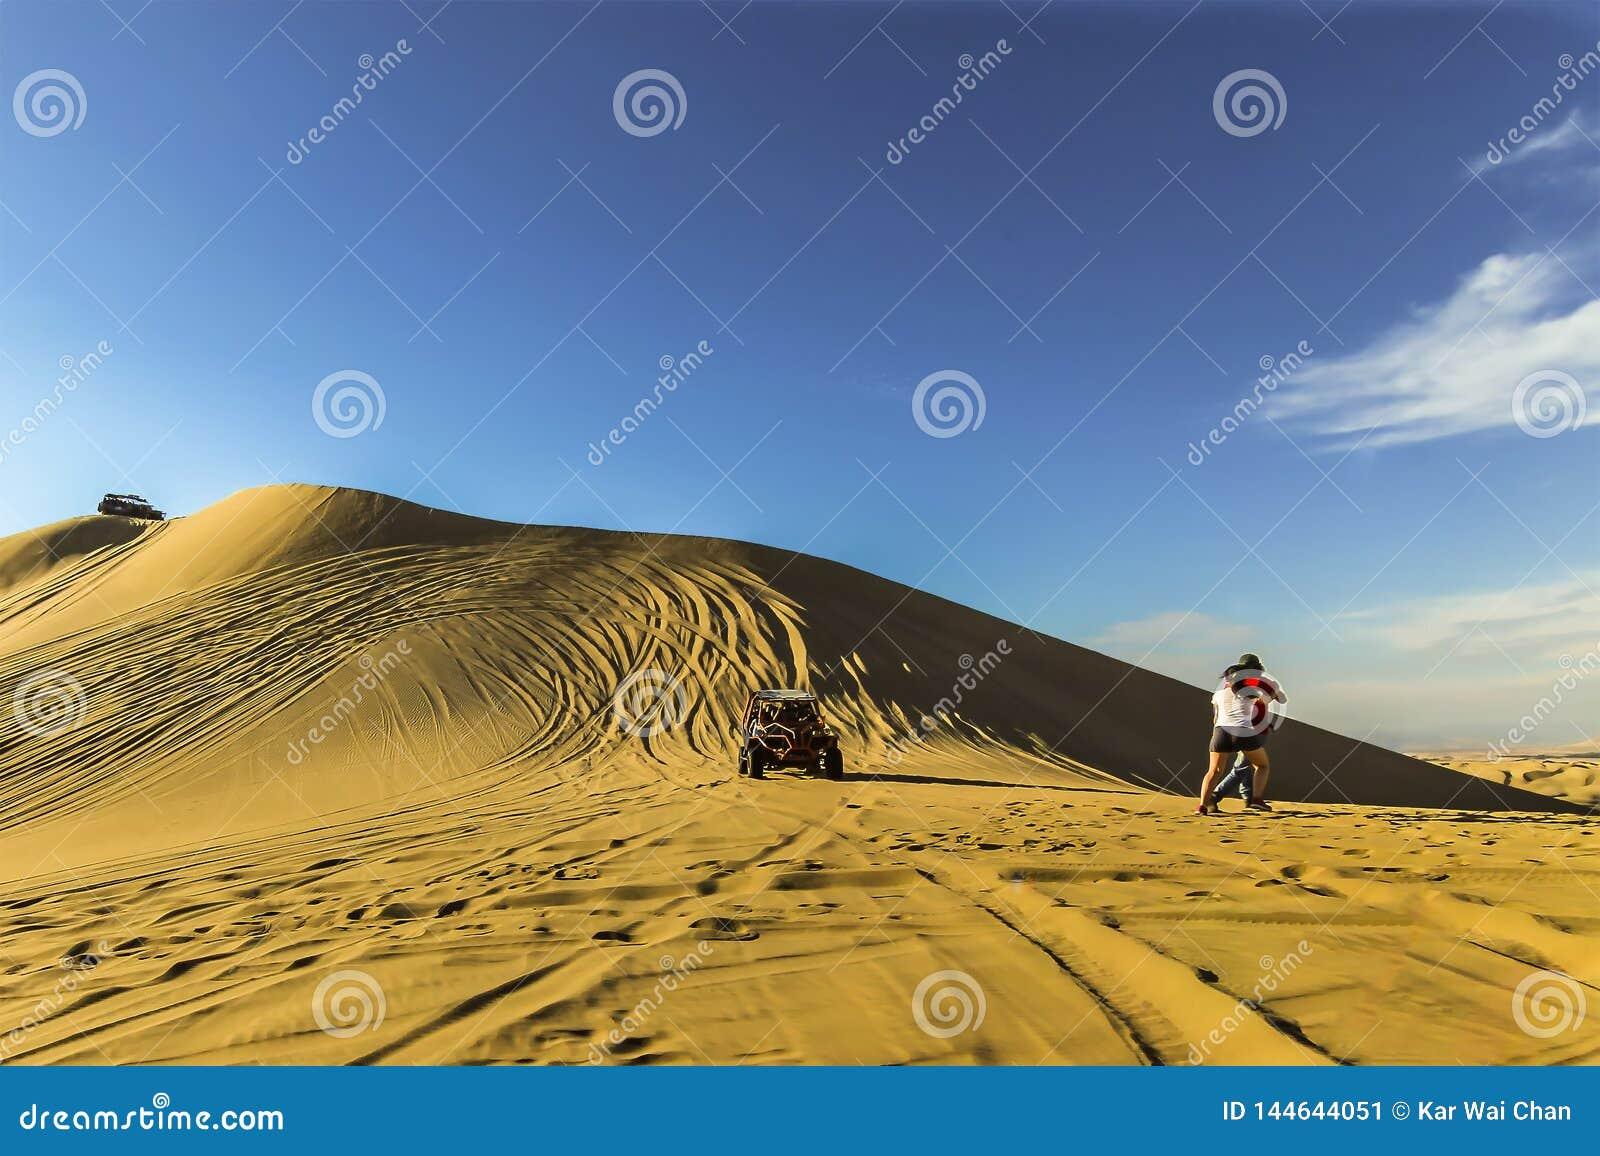 赛跑在倾斜下的沙丘儿童车作为移动的游人在旁边